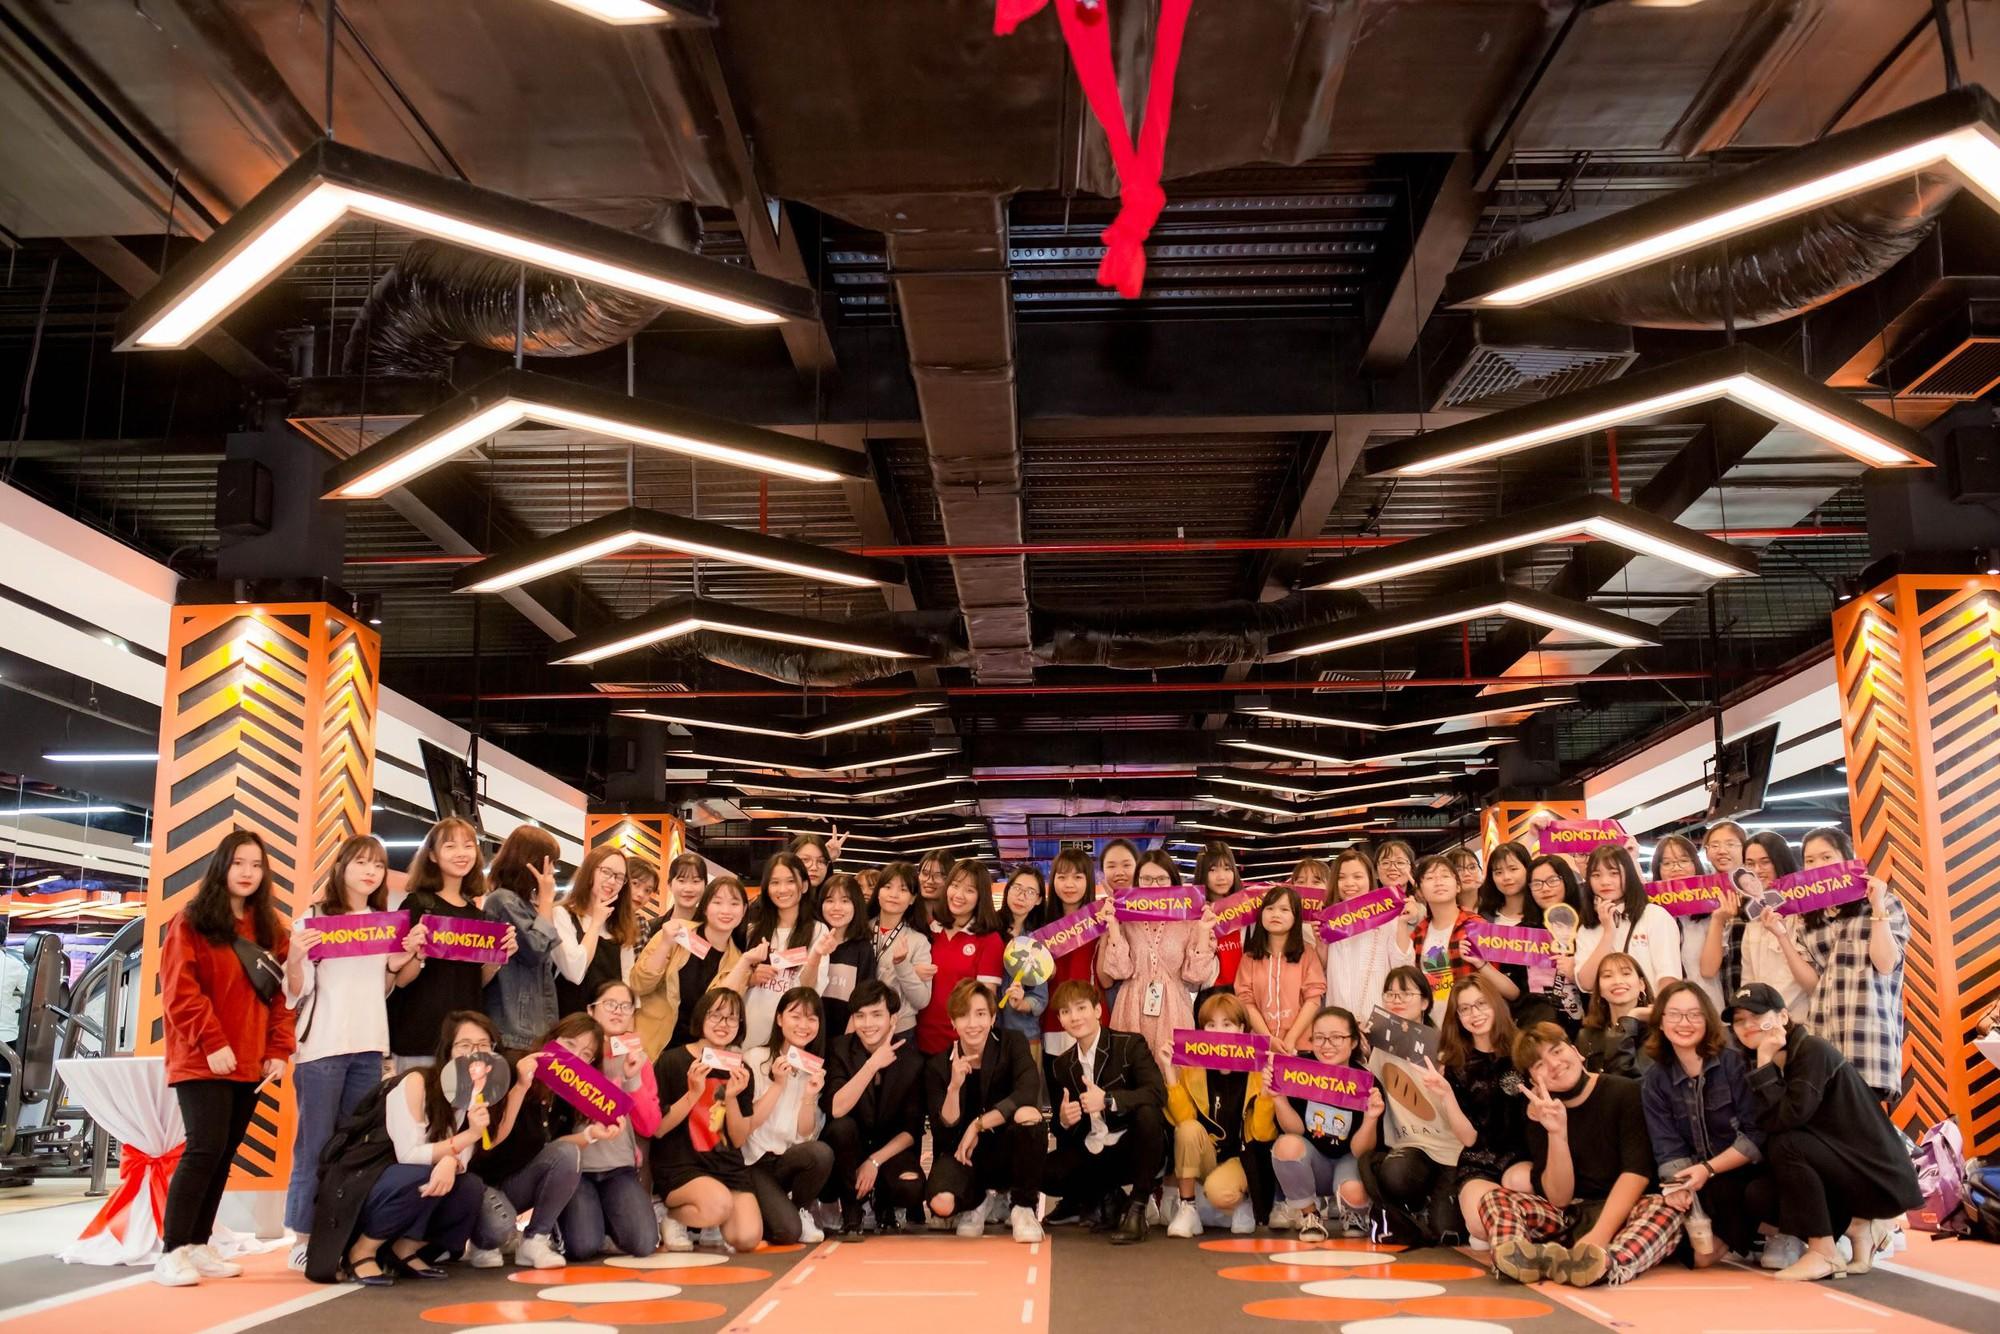 """Monstar """"quẩy"""" hết mình cùng các Moonee trong buổi họp fan-meeting tại Fit24 Chương Dương Độ - Ảnh 10."""